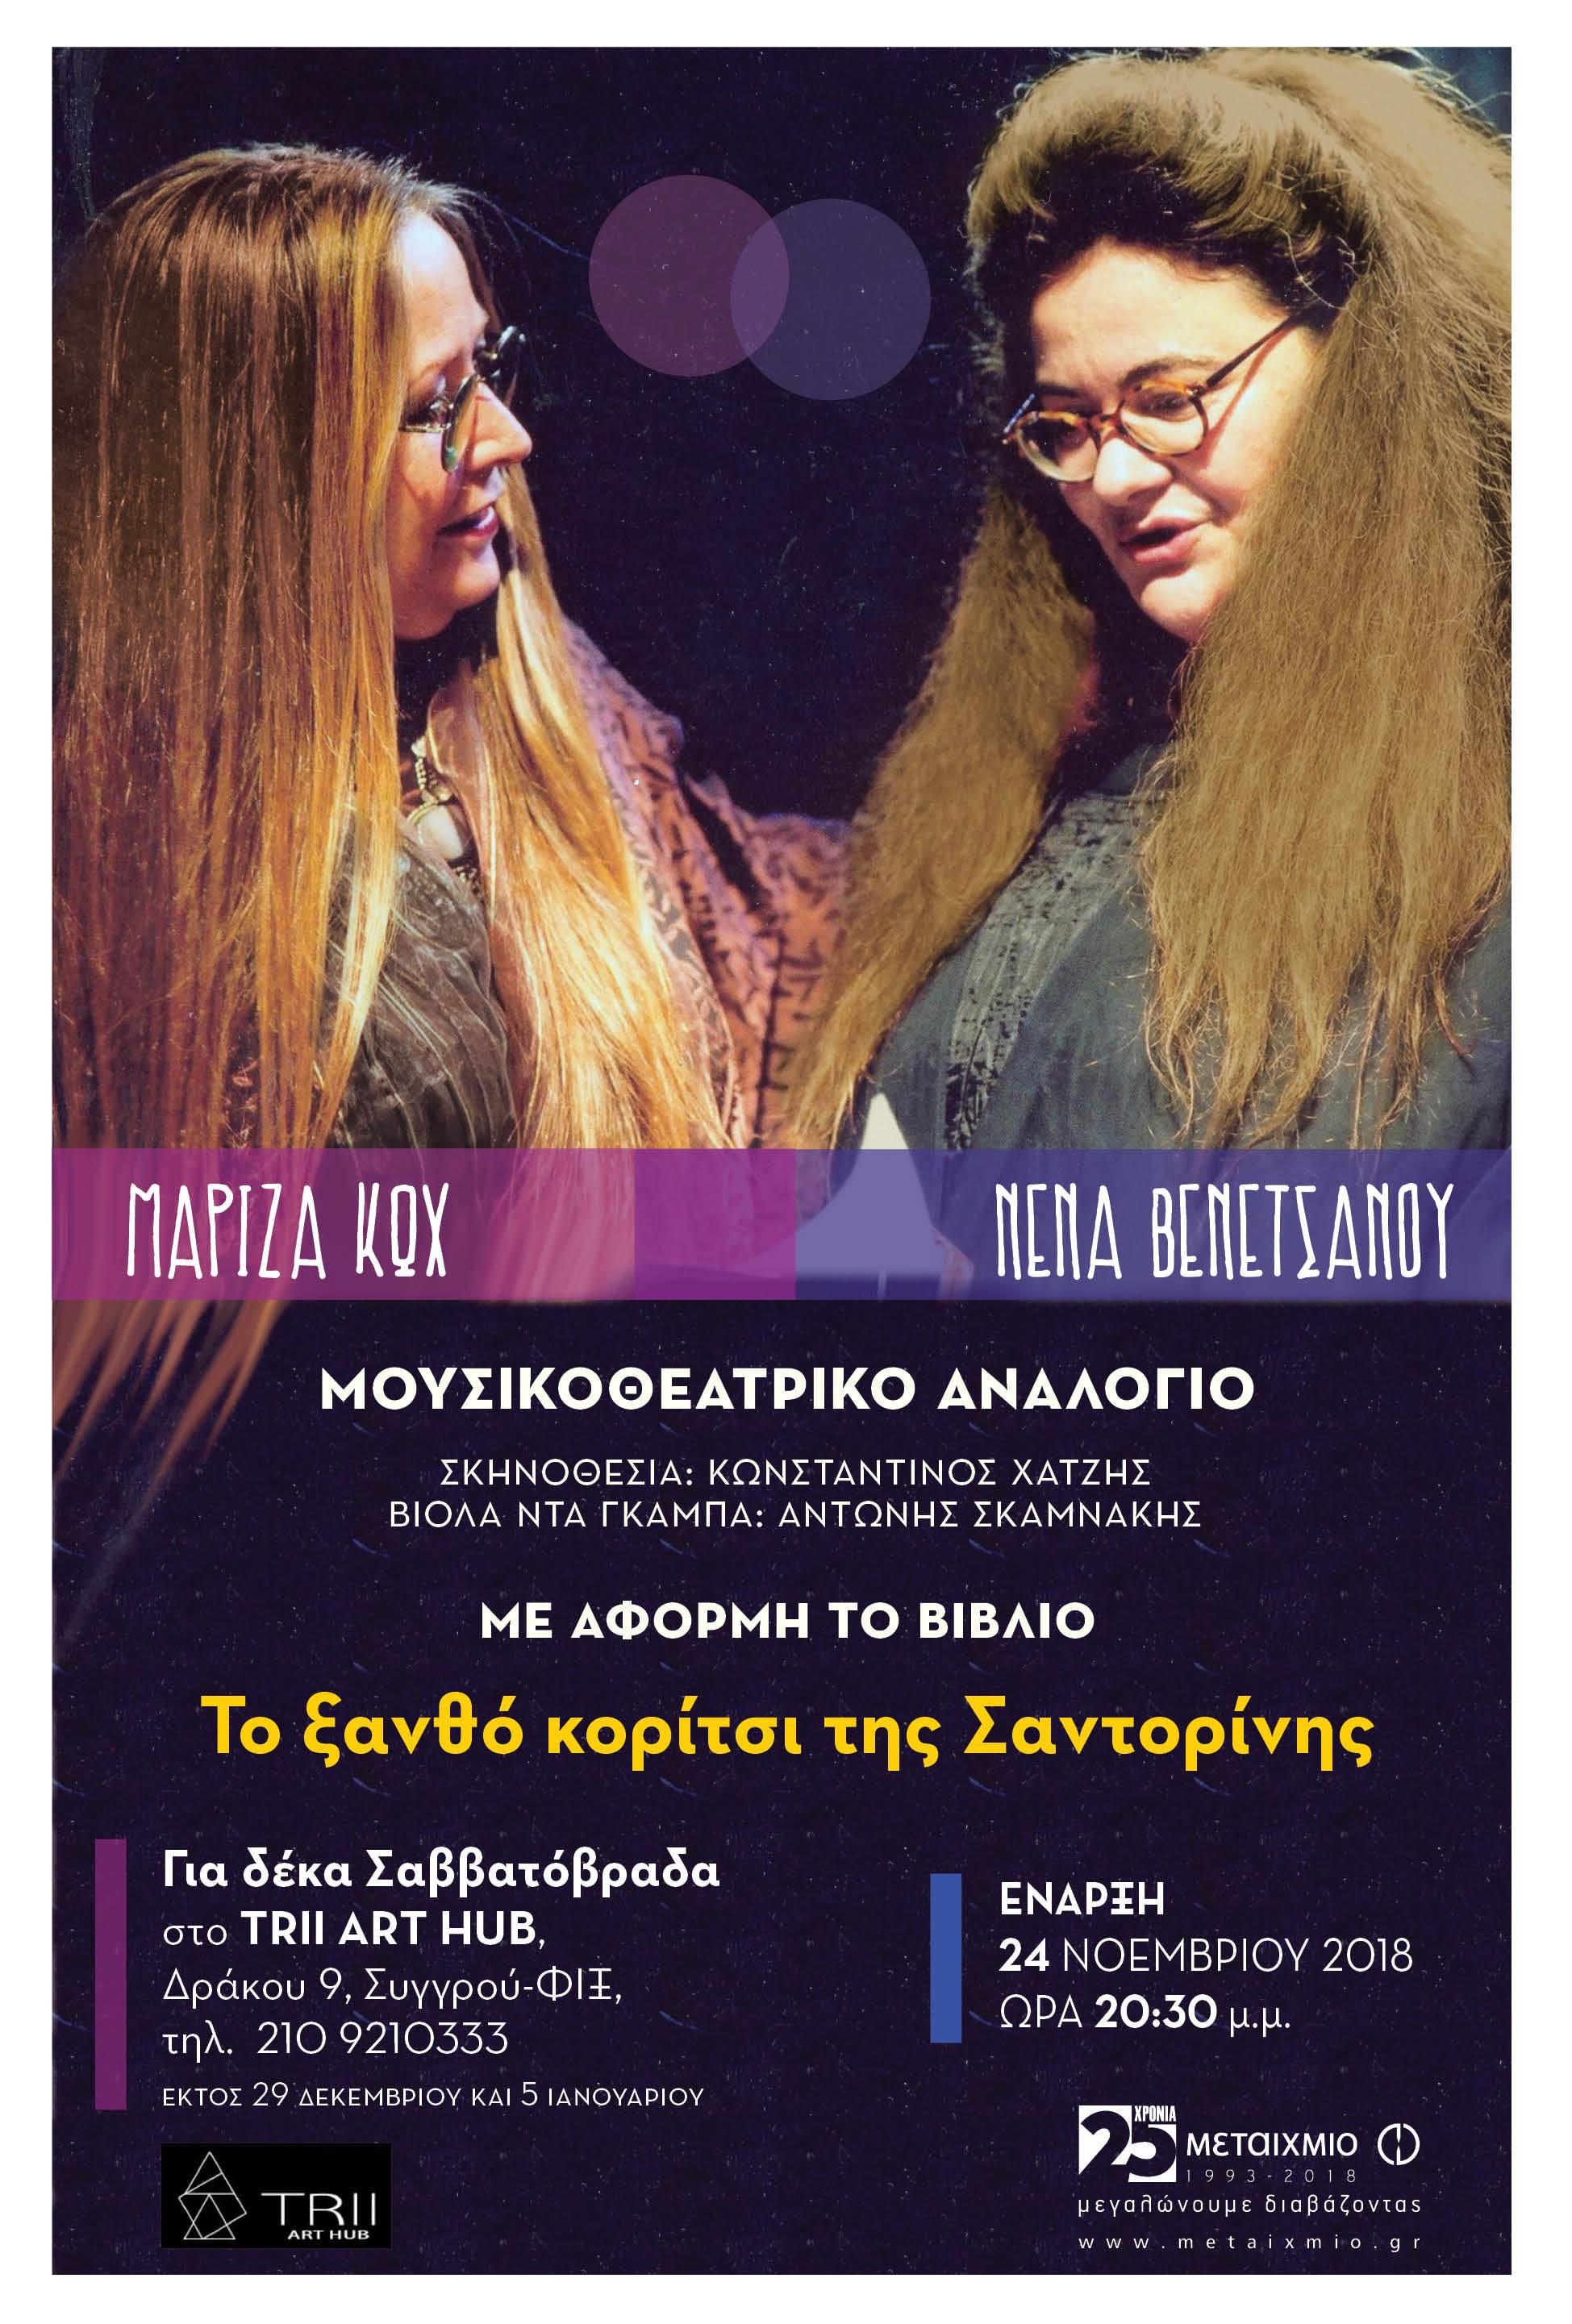 Μουσικοθεατρικό αναλόγιο με τη Μαρίζα Κωχ και τη Νένα Βενετσάνου